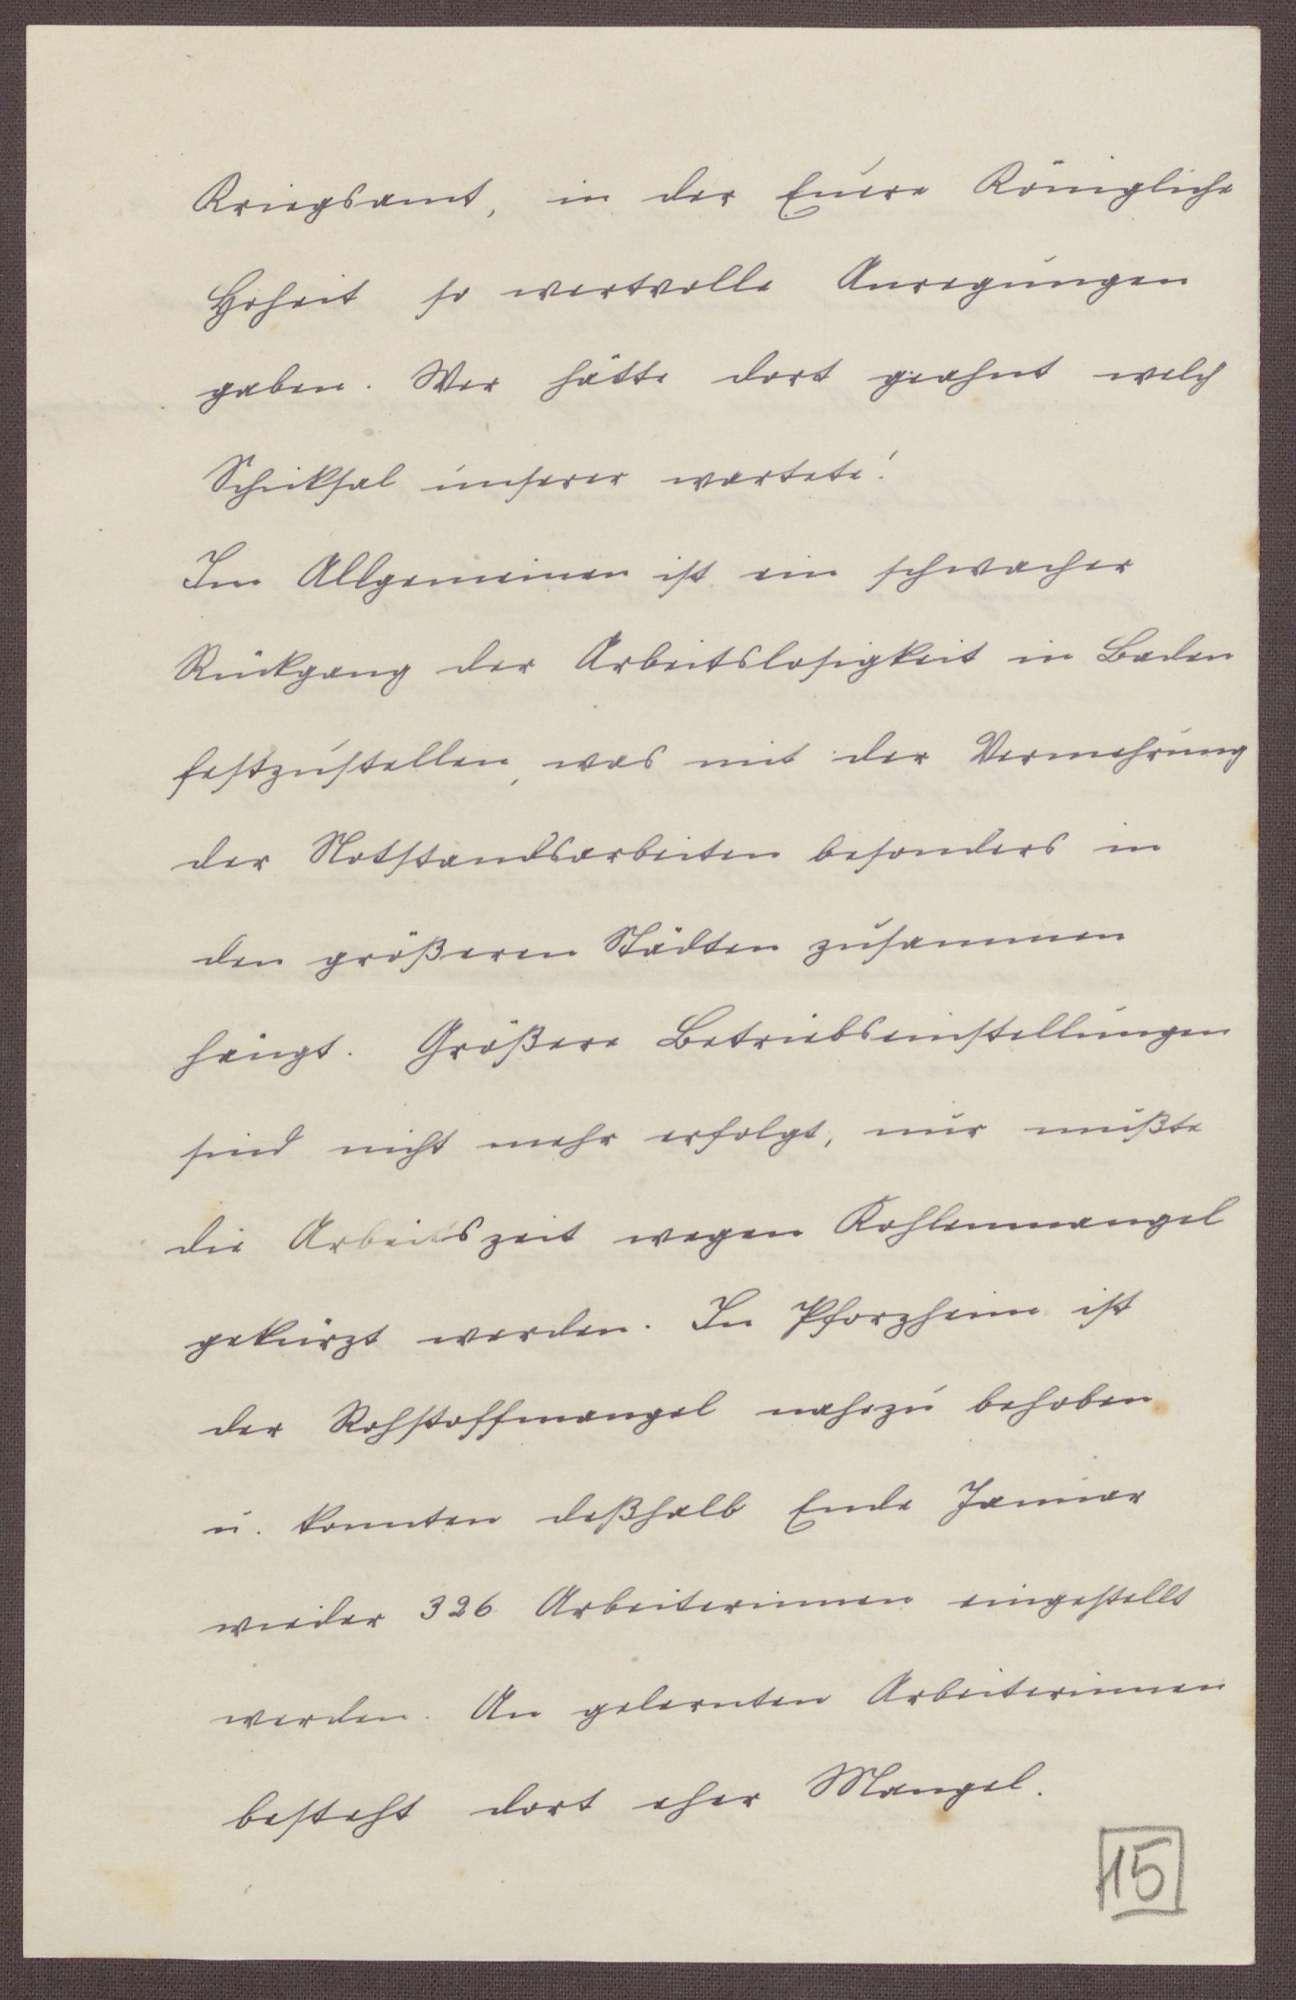 Schreiben von Sophie Sautier an die Großherzogin Luise; Besuch des Arbeitsamtes in Emmendingen; Sorge um geringe Löhne und Verpflegung in den Heimen; Rohstoffmangel und Arbeitszeitverkürzung, Bild 3